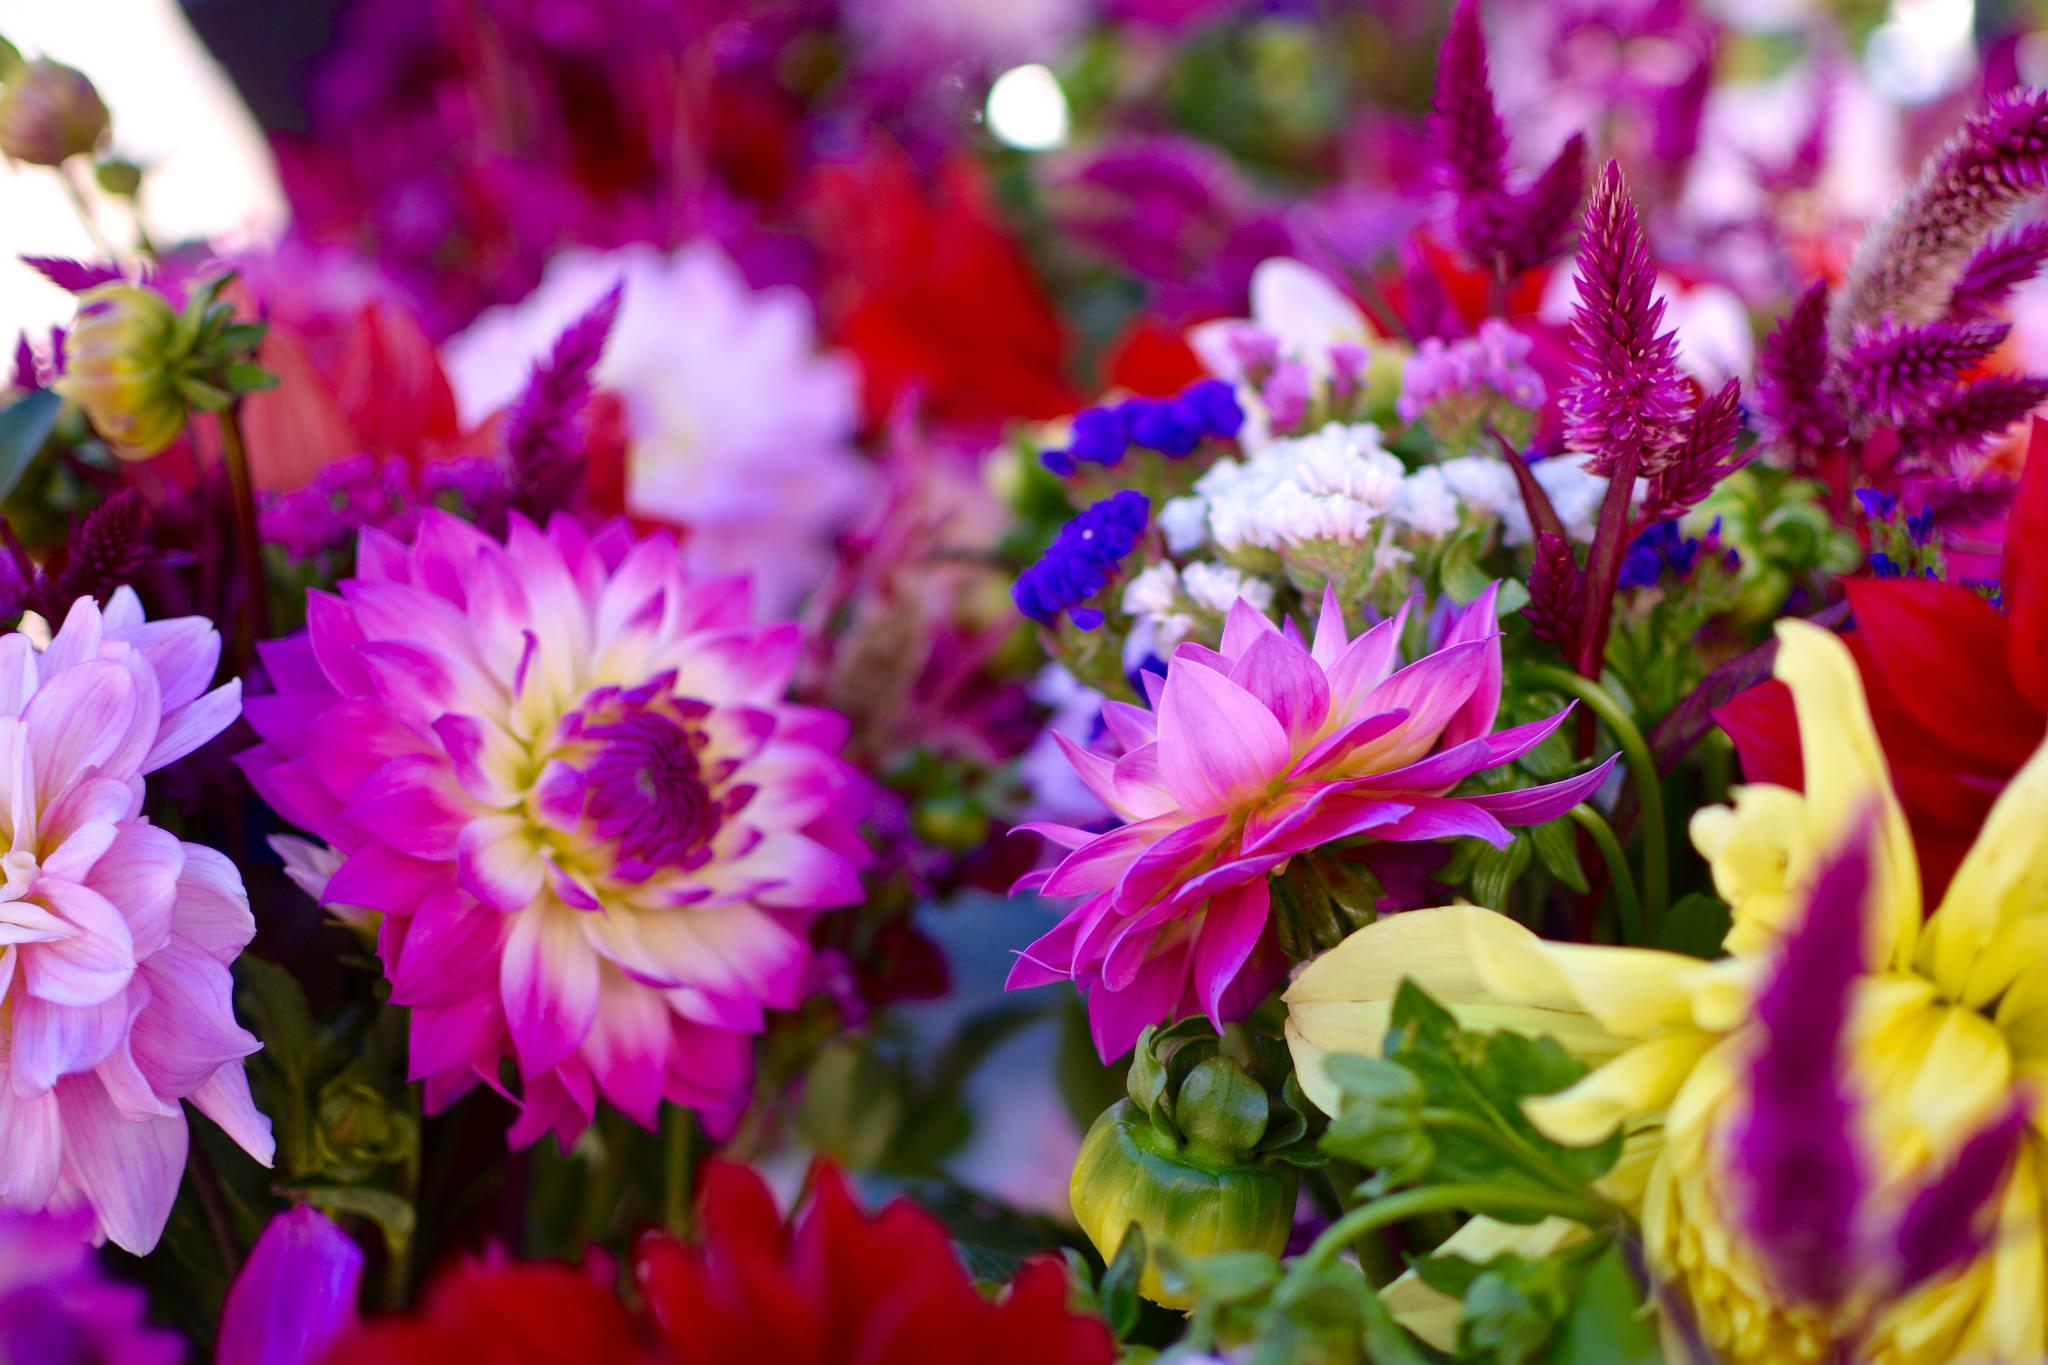 flowers_outdoor-3.jpg#asset:2335